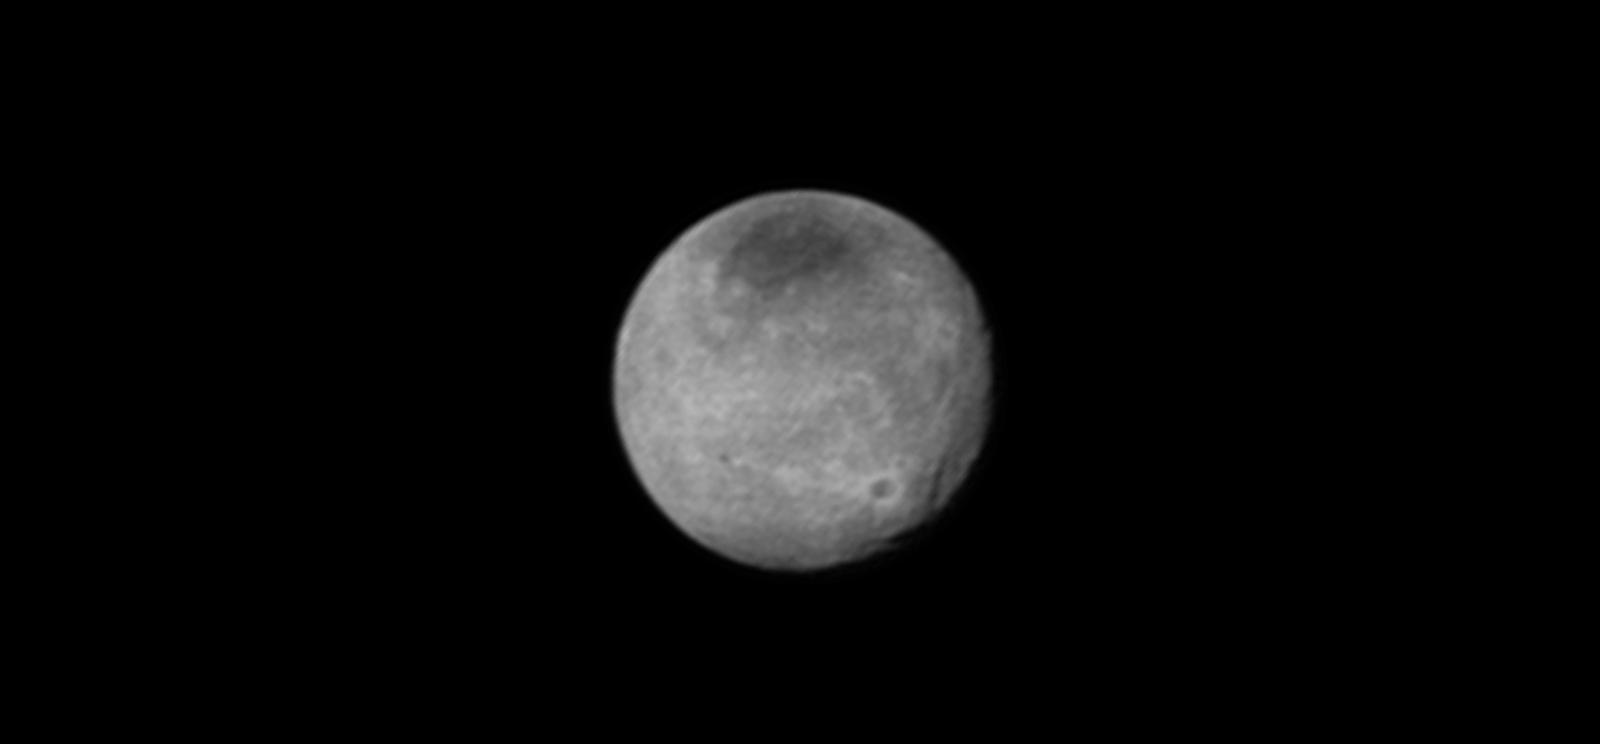 Charon, July 12, 2015